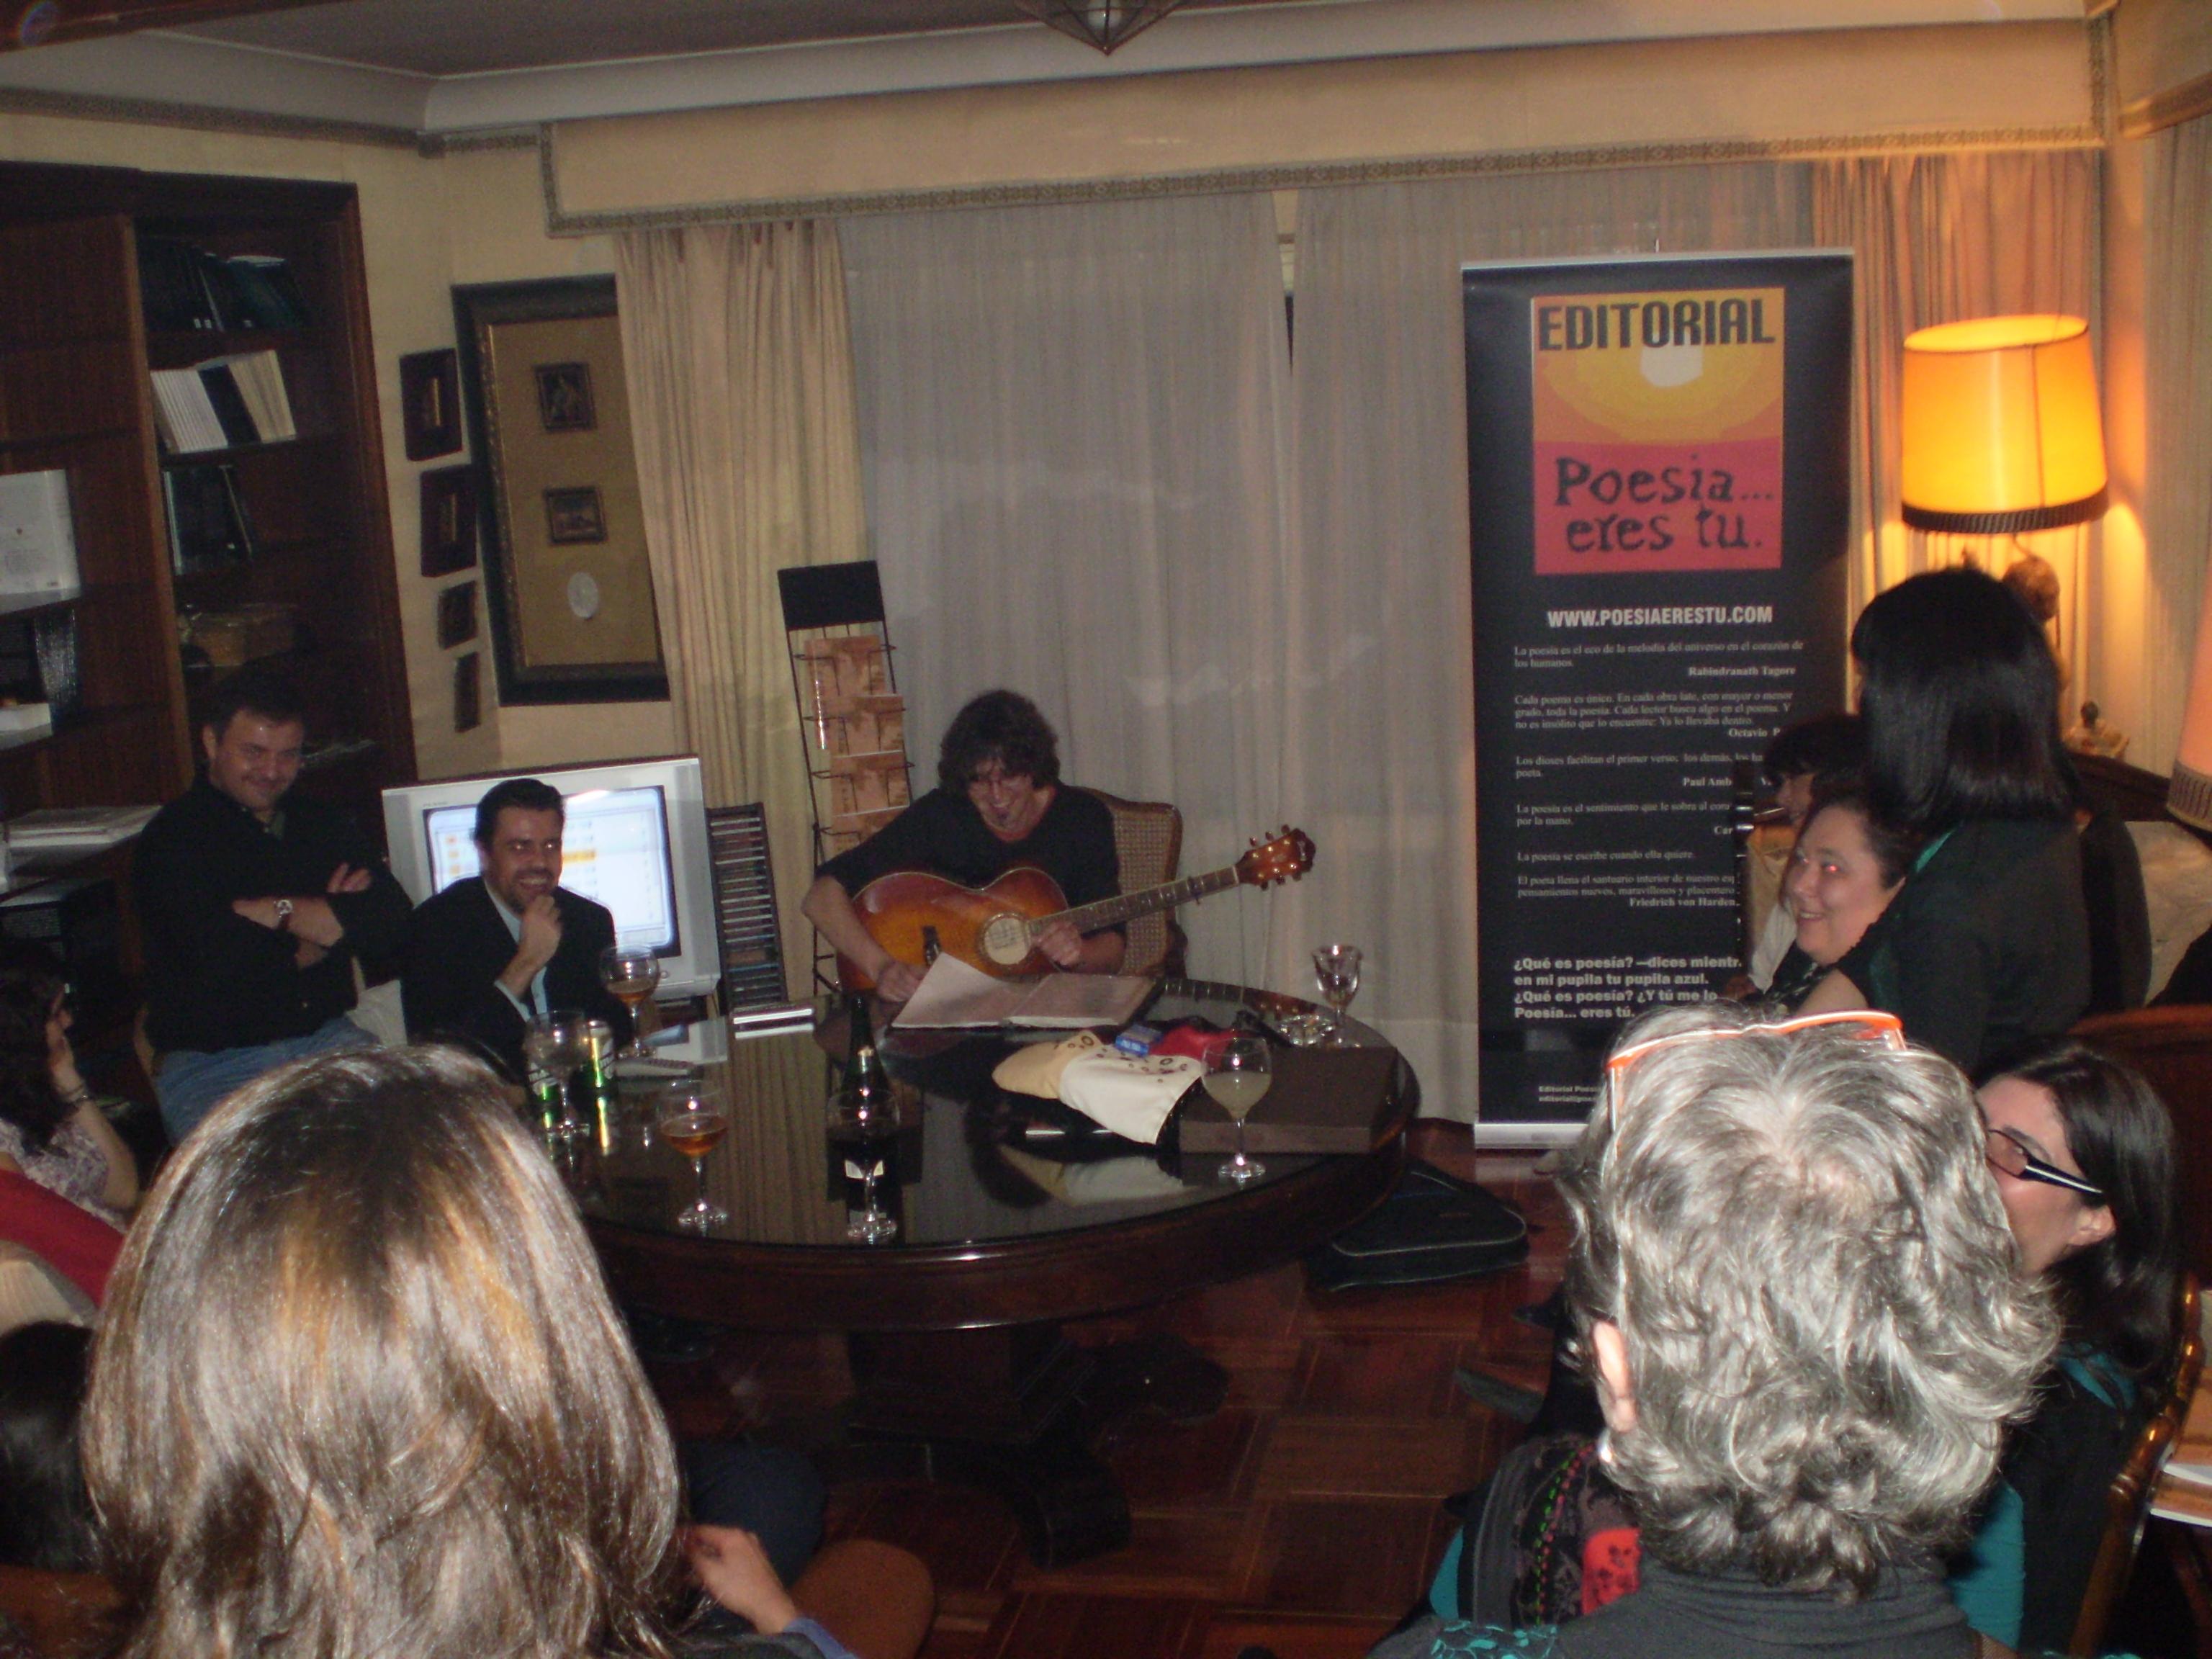 Paco Bello mejor autor del año 2008 Editorial Poesía eres tú. Paco Bello mejor autor del año 2008 Editorial Poesía eres tú. p2190201